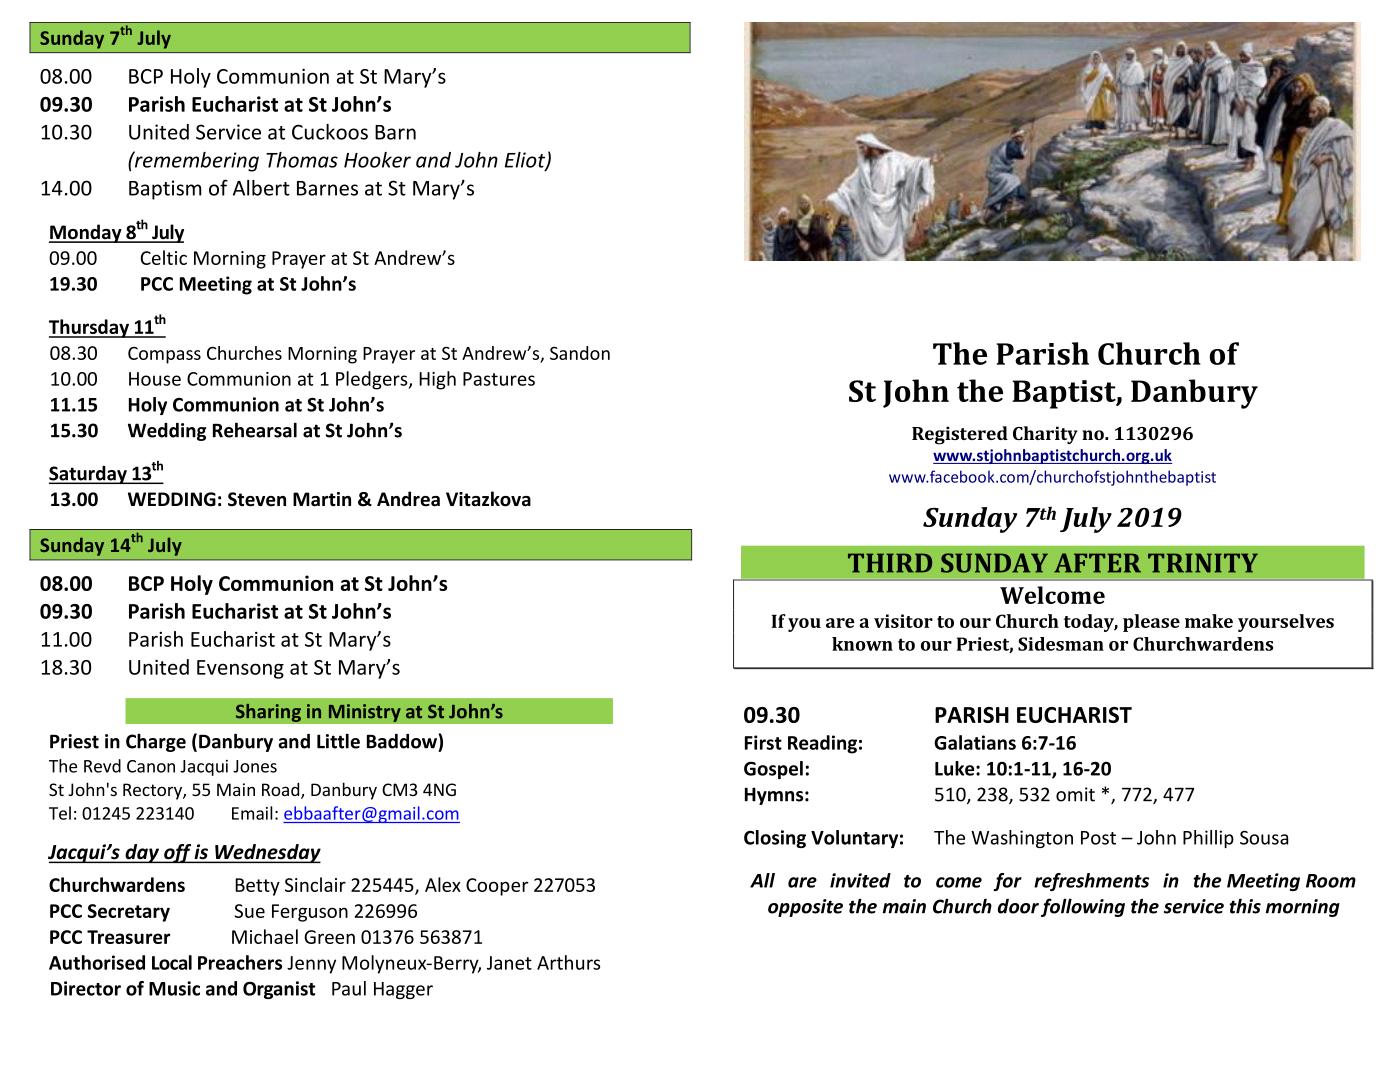 Pew leaflet 7th July 2019_1.PNG